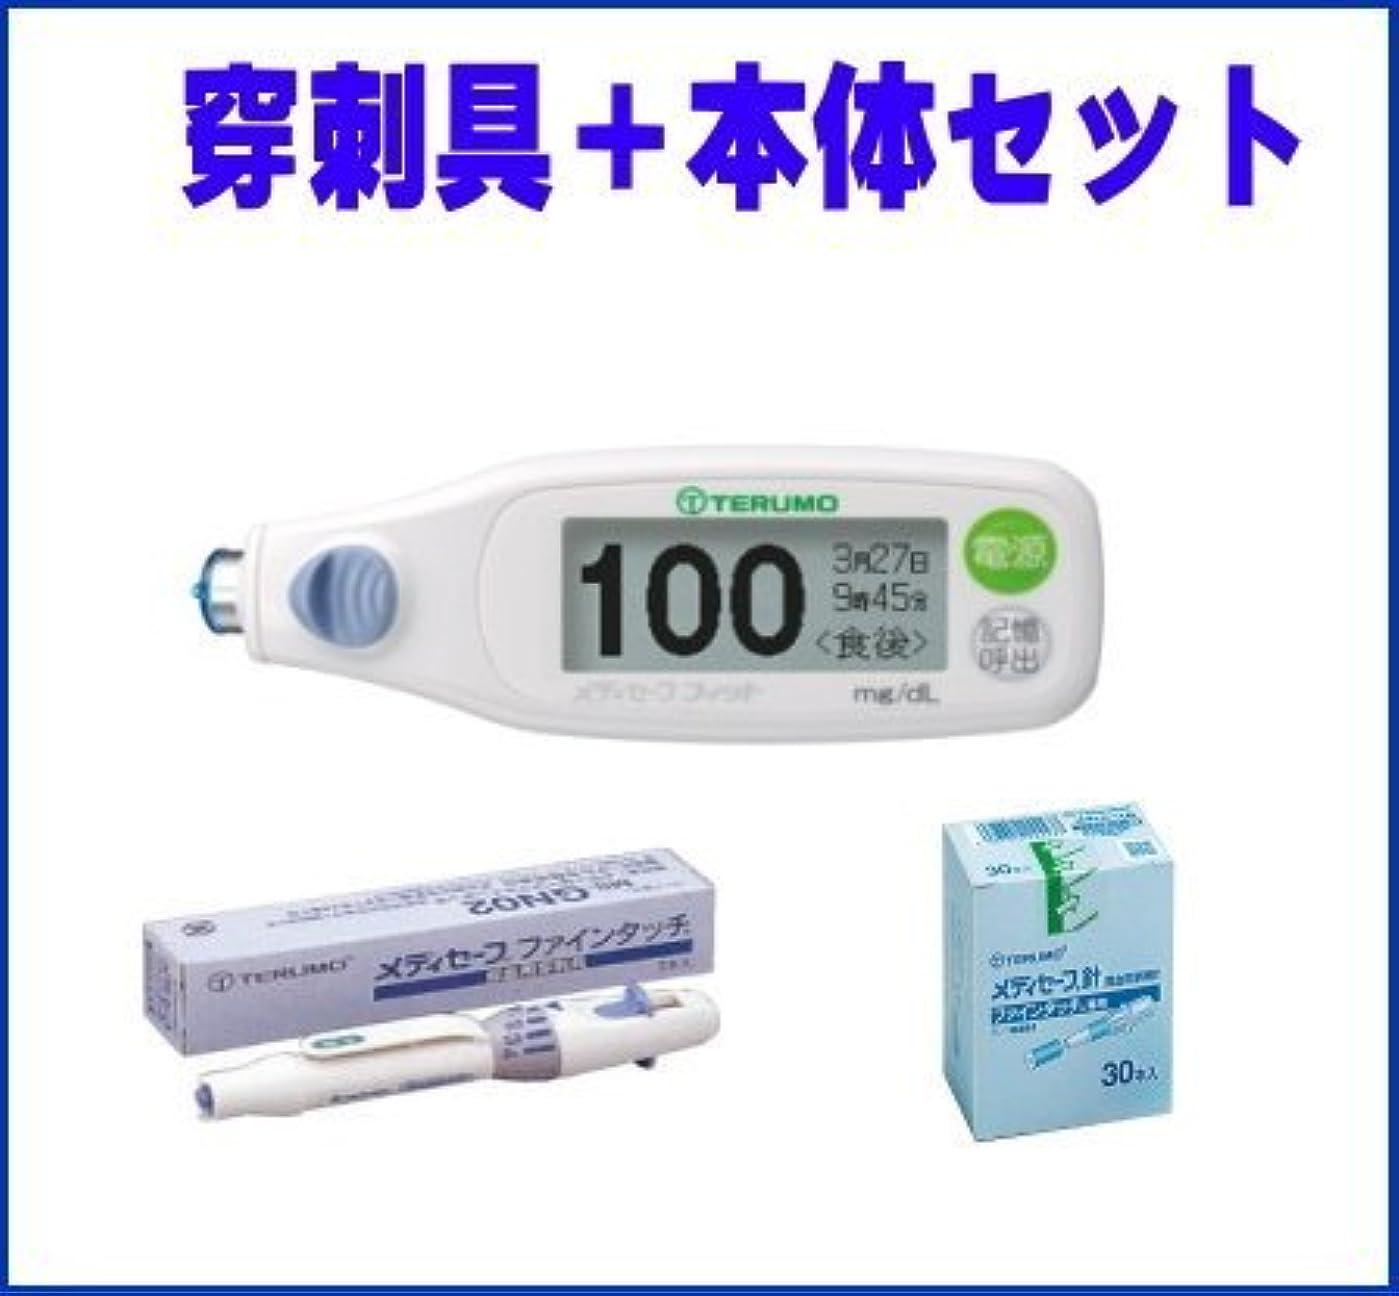 奇妙な価値インストラクターメディセーフフィット 穿刺具セット(ファインタッチ+メディセーフ針) 血糖測定器 3点セット